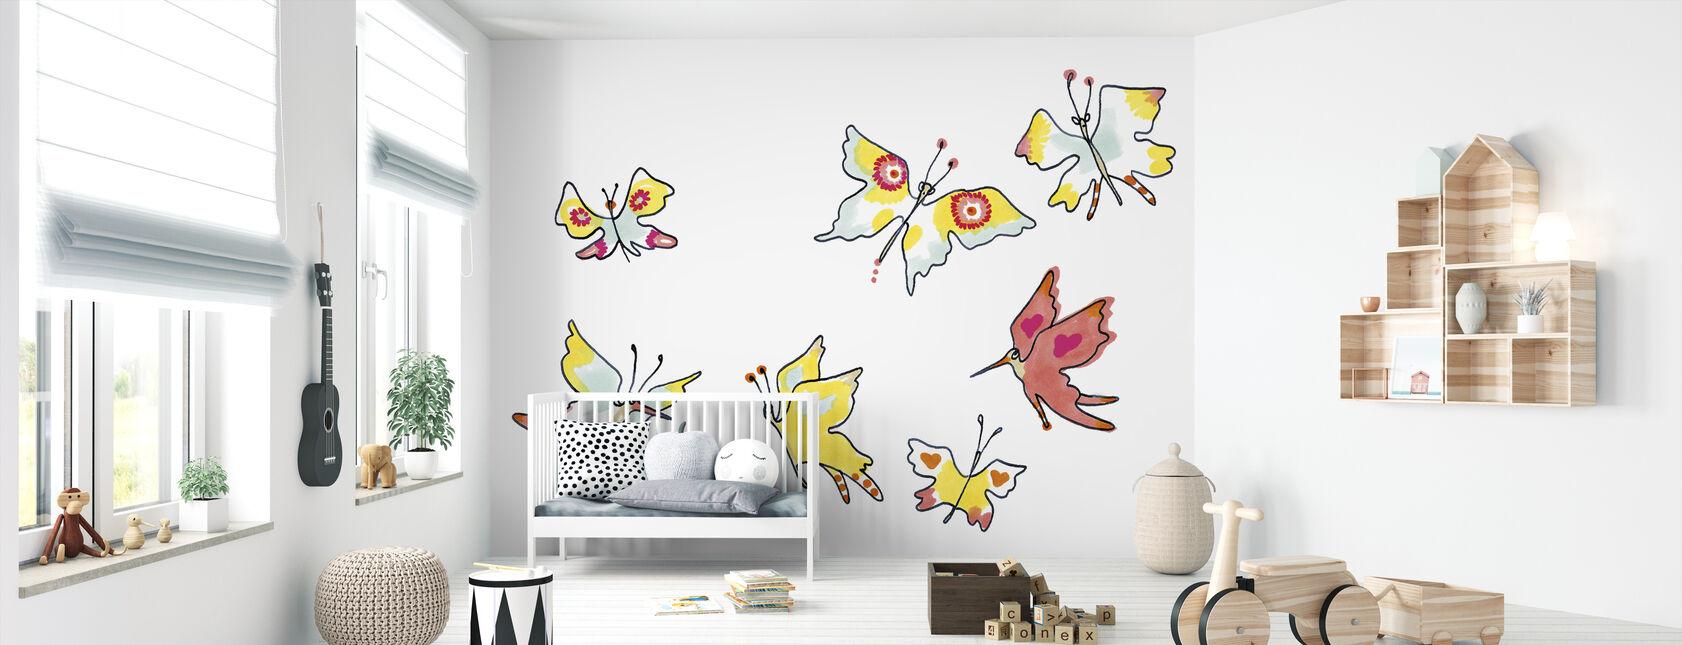 Whose Butterfly 3 - Wallpaper - Nursery